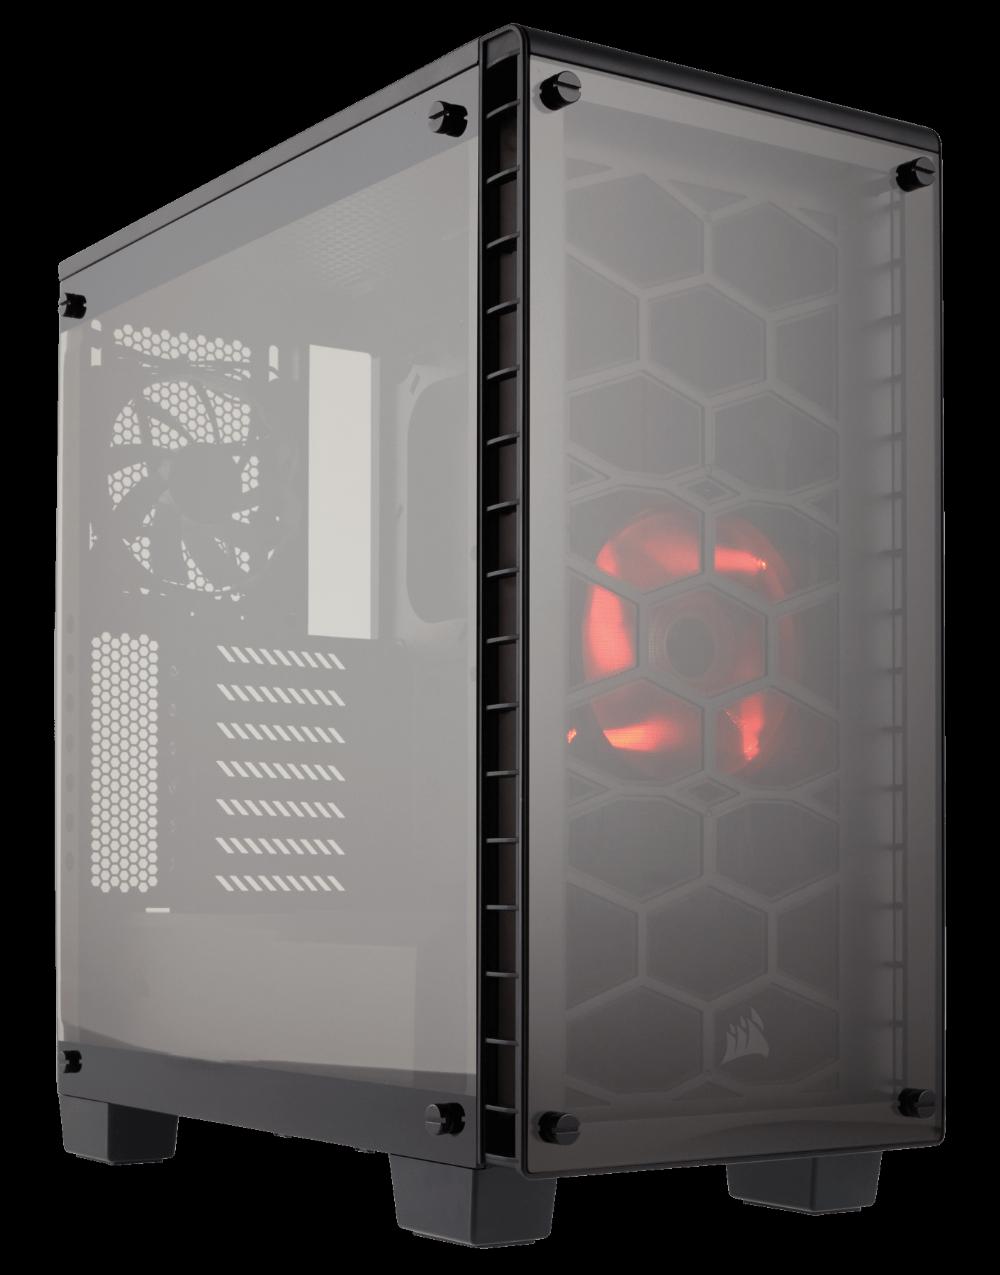 THÙNG CASE CORSAIR - Crystal Series 460X RGB -Tempered Glass- kính cường lực - CC-9011101-WW